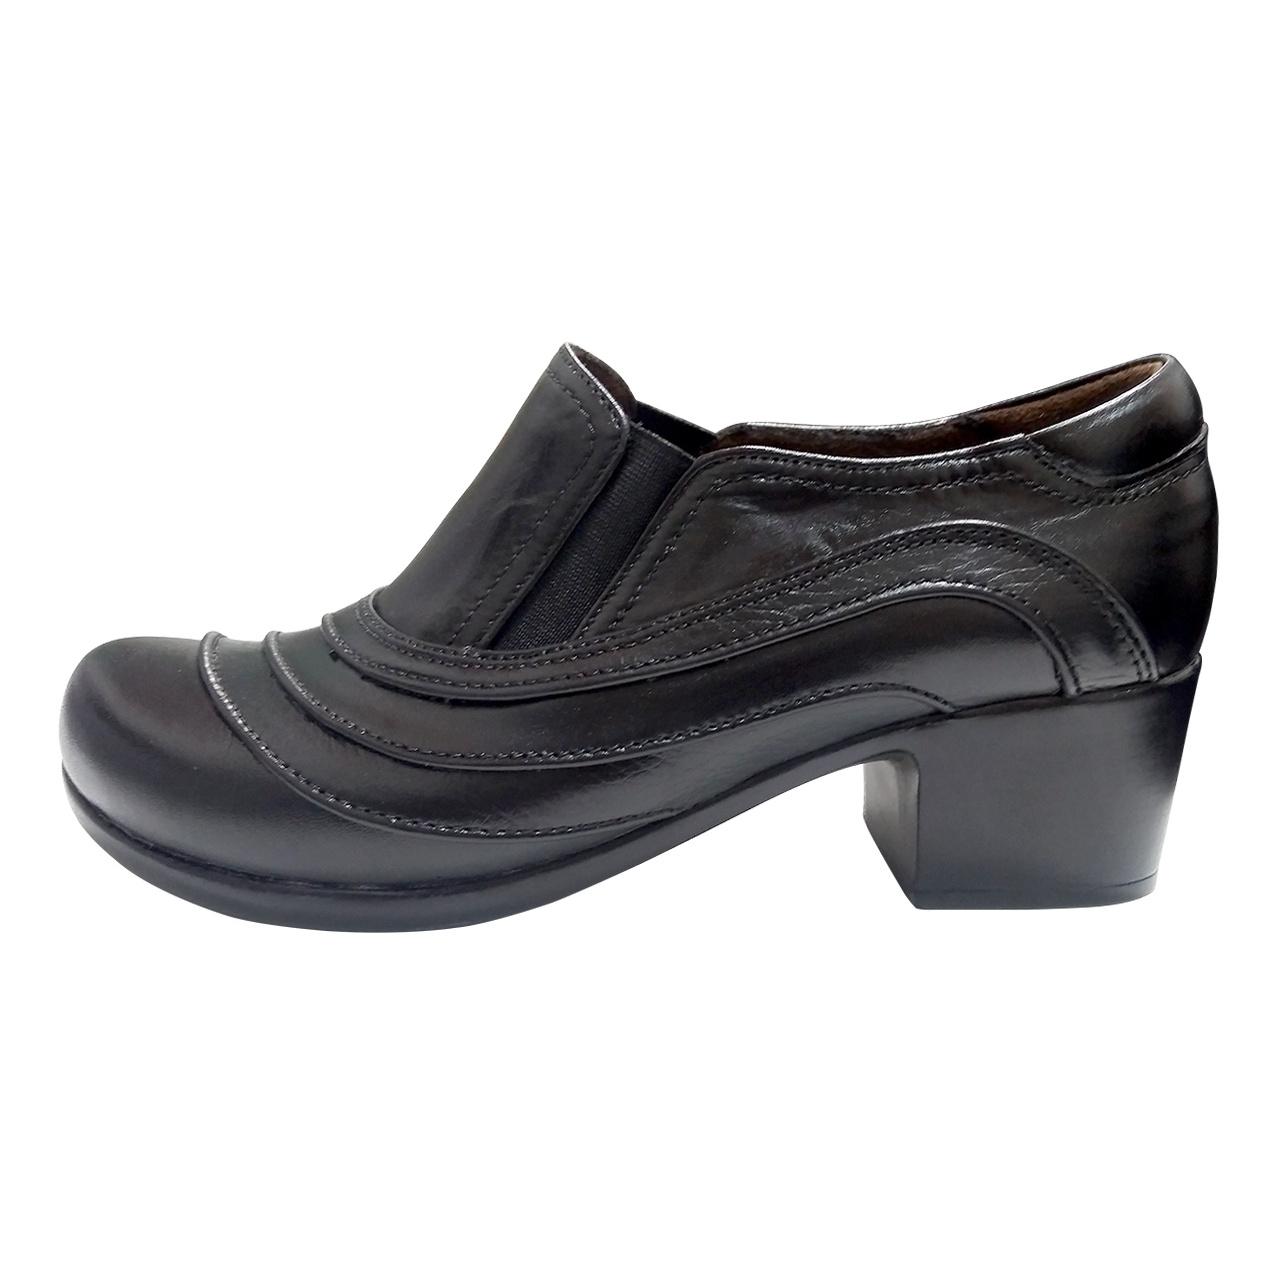 خرید                      کفش زنانه روشن مدل 571 کد 01